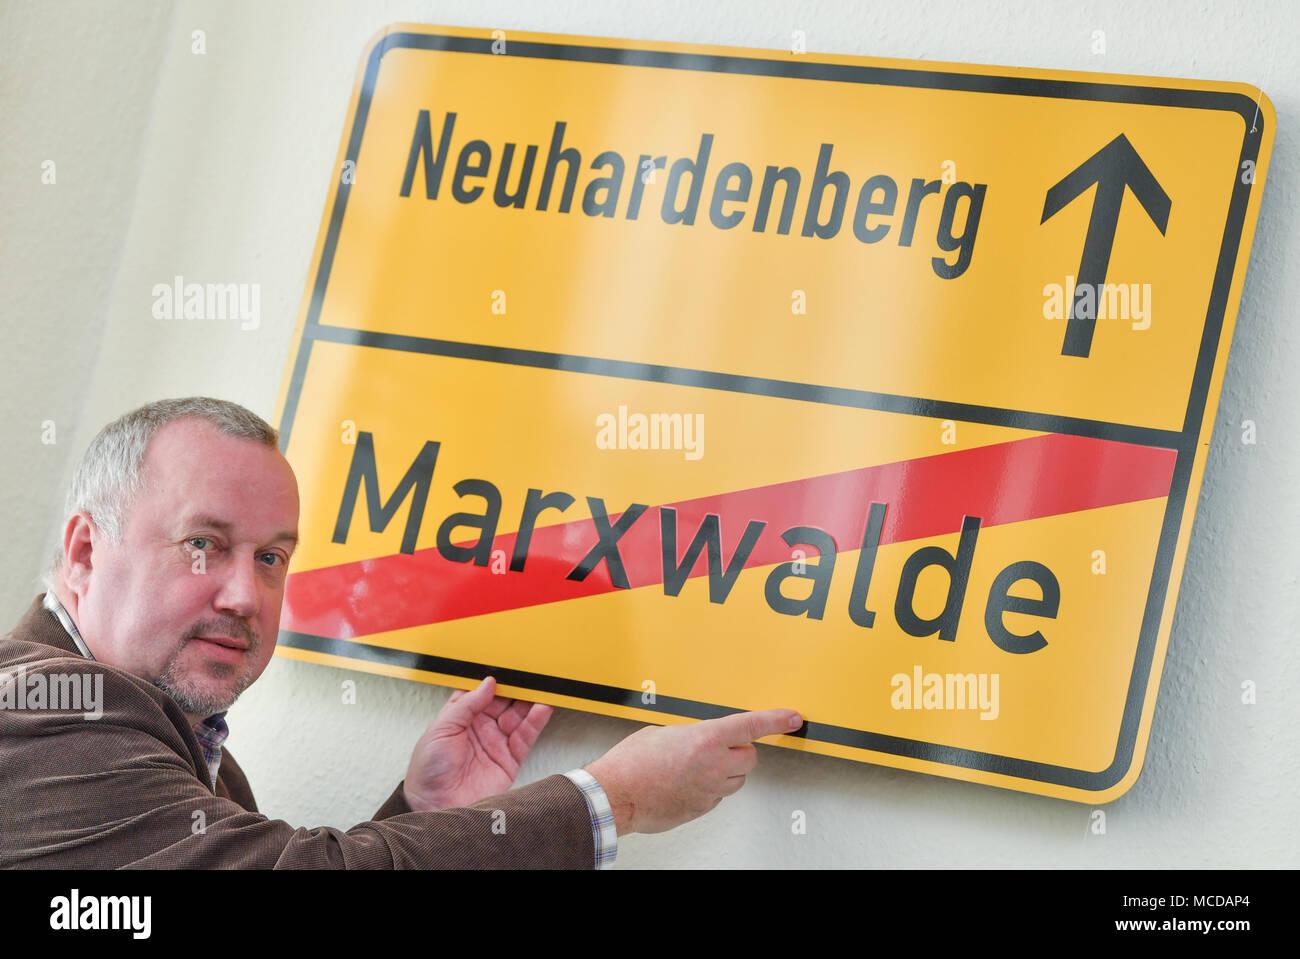 """10 de abril de 2018, Alemania: Dietmar Neuhardenberg Zimmermann, presidente de la asociación del patrimonio local 'Heimatverein Neuhardenberg e.V."""" coloca un cartel que dice """"Neuhardenberg - Marxwalde' en una pared del museo del patrimonio local. La ciudad fue conocida como Marxwalde previoulsy después del filósofo alemán, economista y teórico social Karl Marx (Mayo 05 de 1818 - 14 de marzo de 1883) durante la época de la RDA y cambiarle el nombre a Neuhardenberg después de la caída del Muro de Berlín. Foto: Patrick Pleul/dpa-Zentralbild/dpa Foto de stock"""